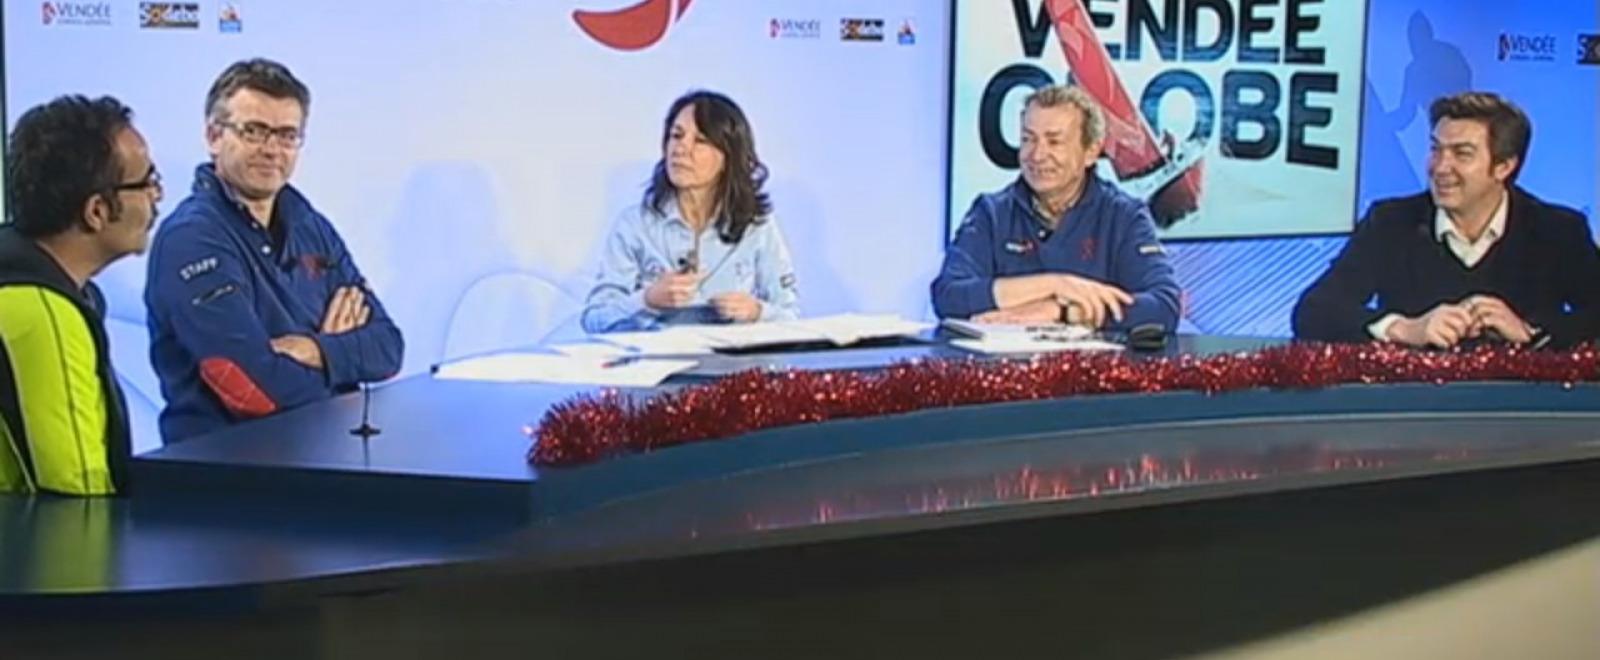 Actualités - Replay : Le live du Vendée Globe du 28 décembre (VIDEO ...